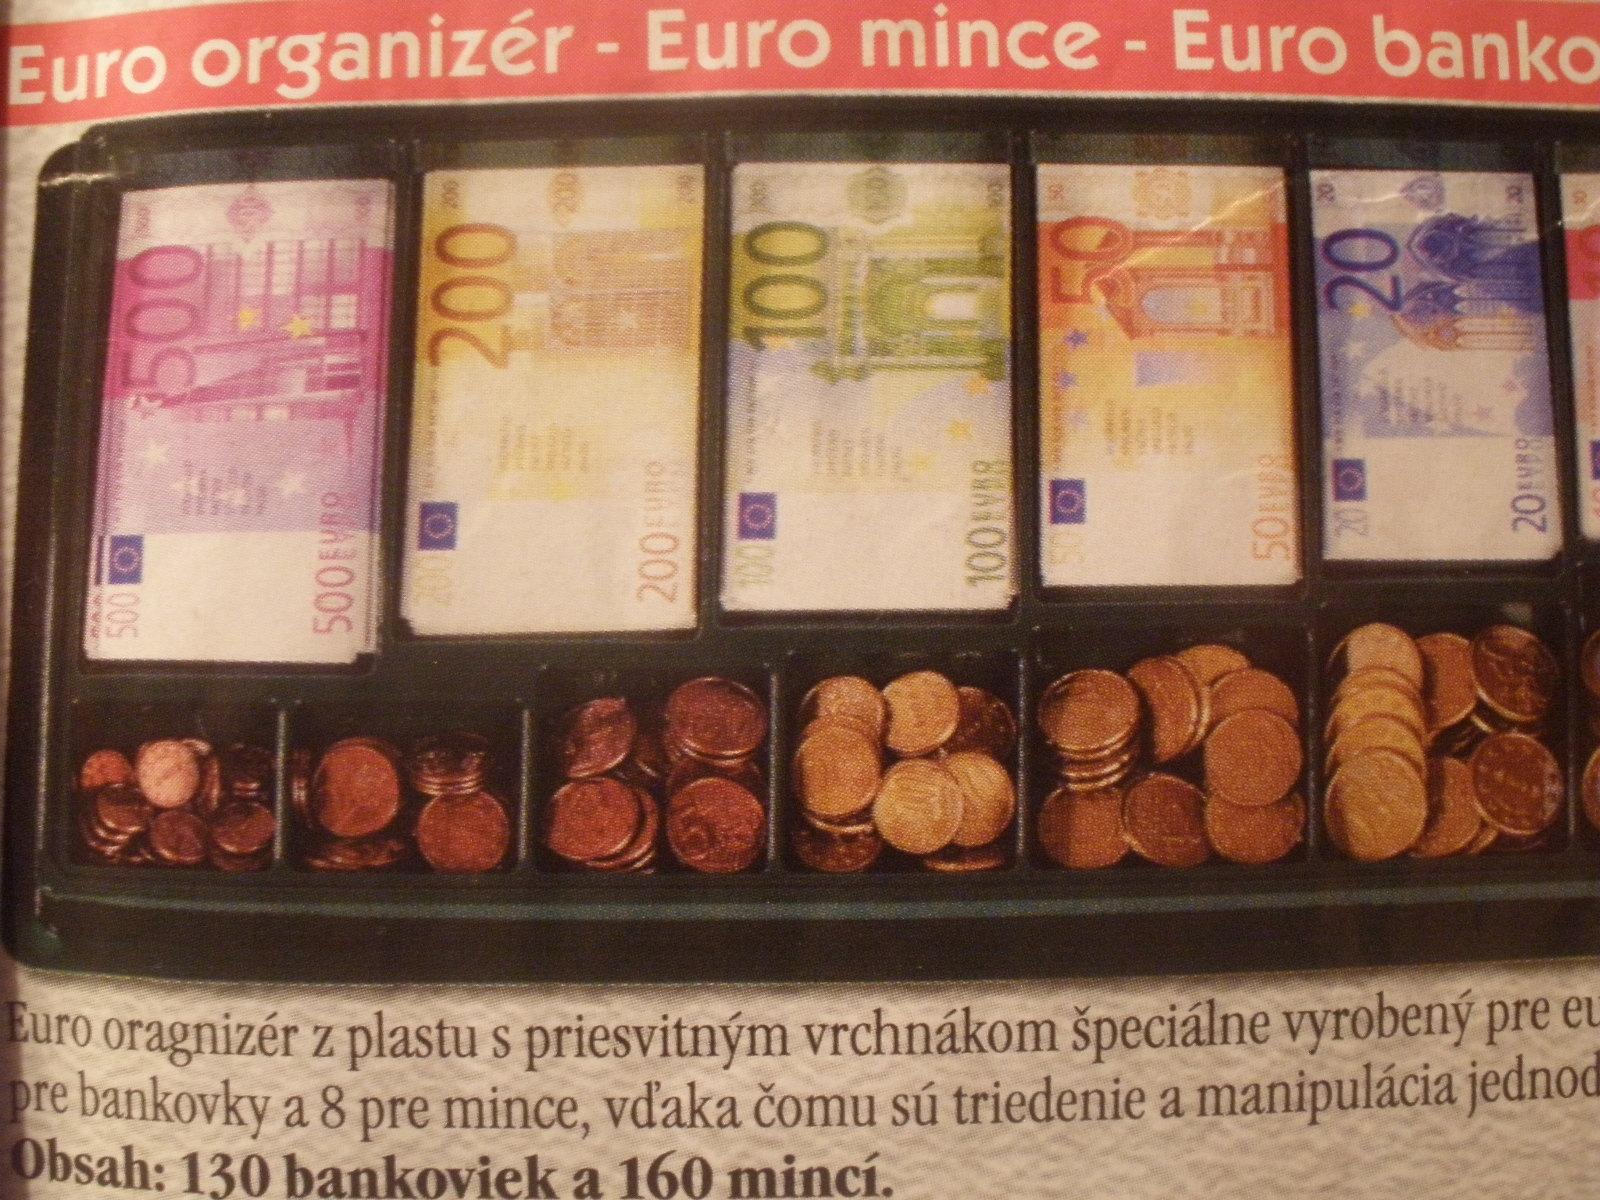 Euro organizér